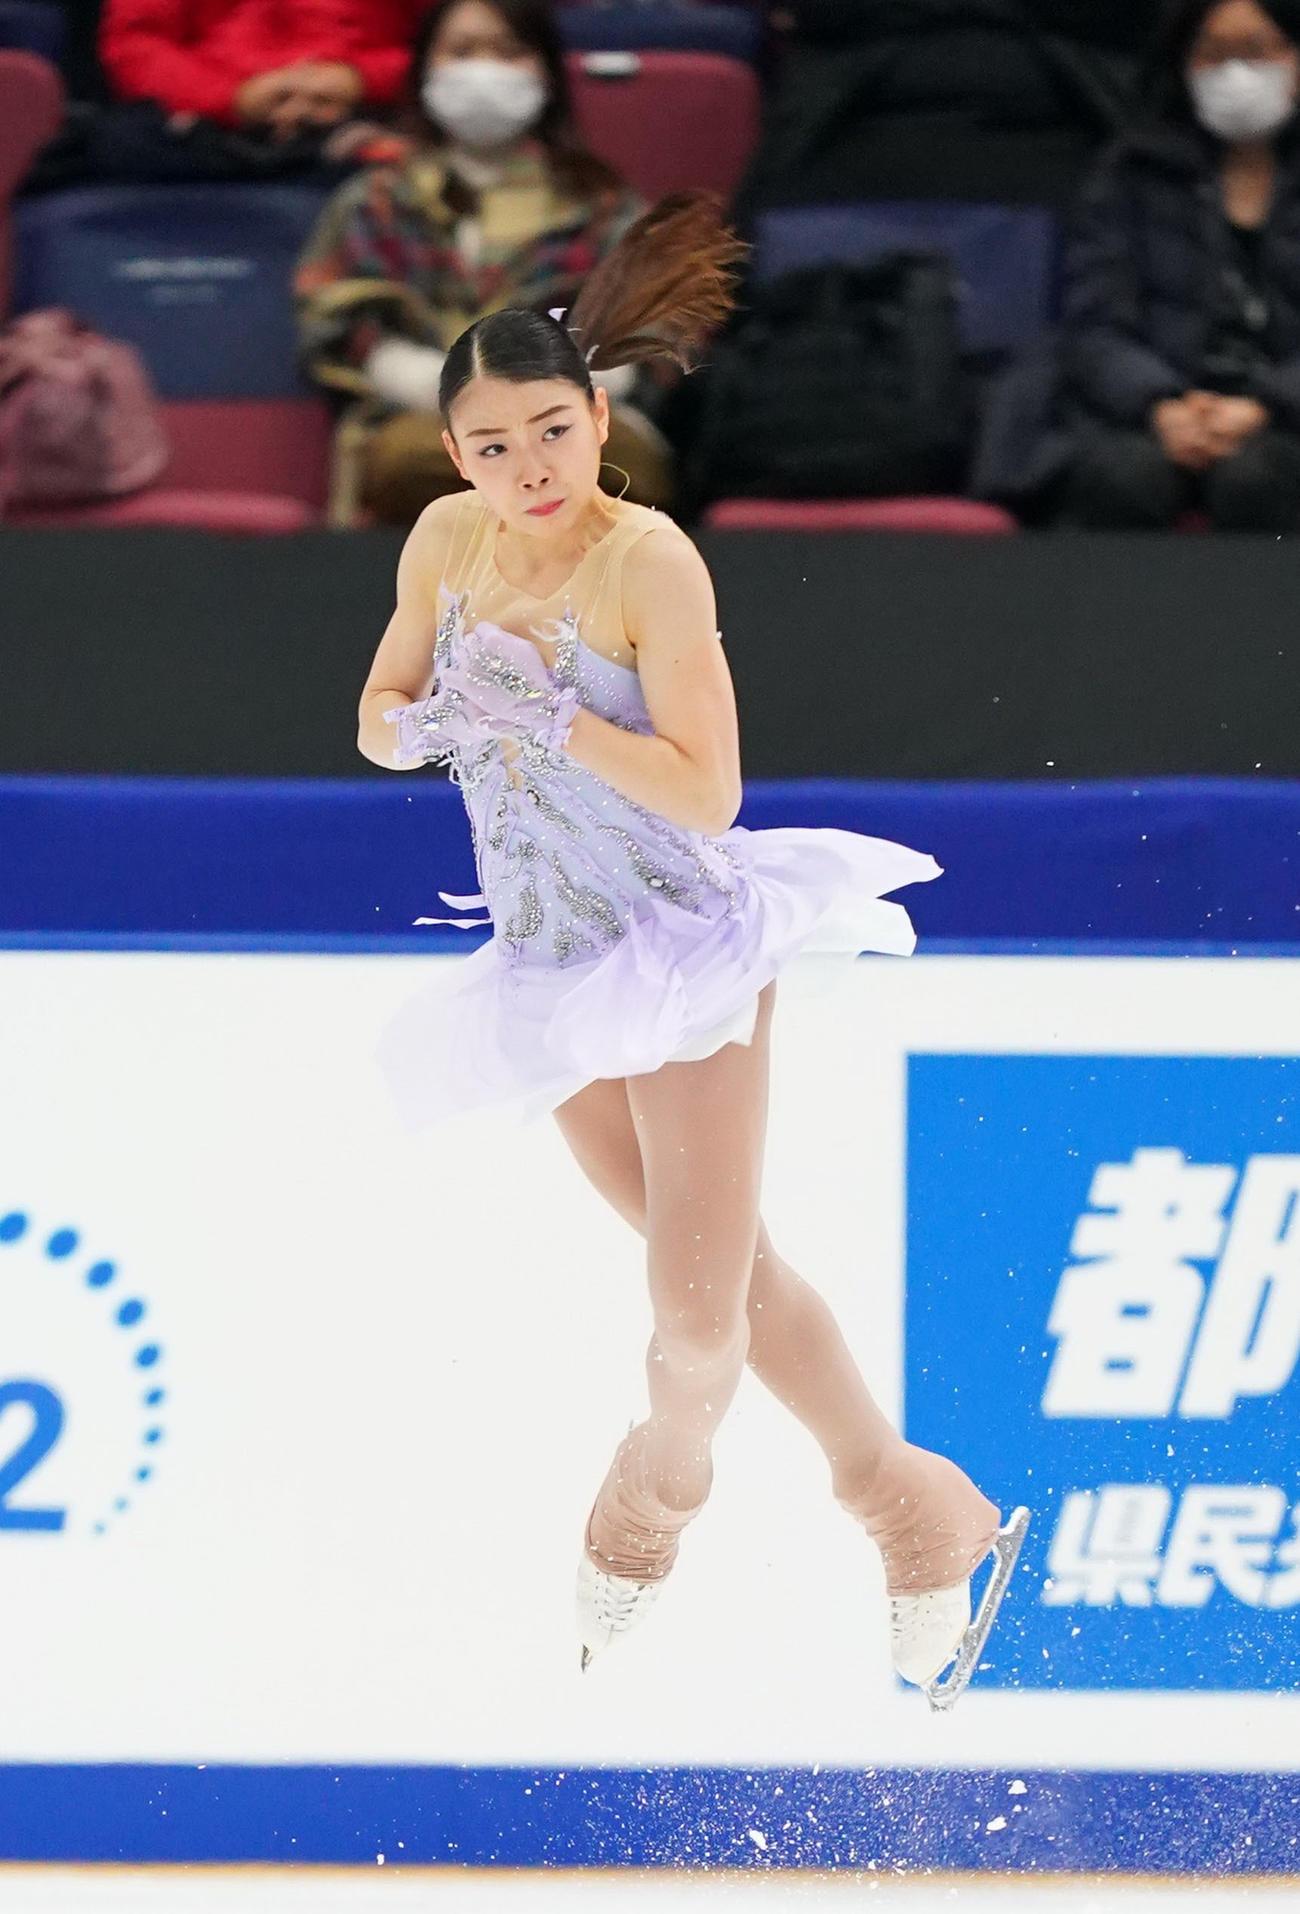 男子 フィギュア 離婚 スケート